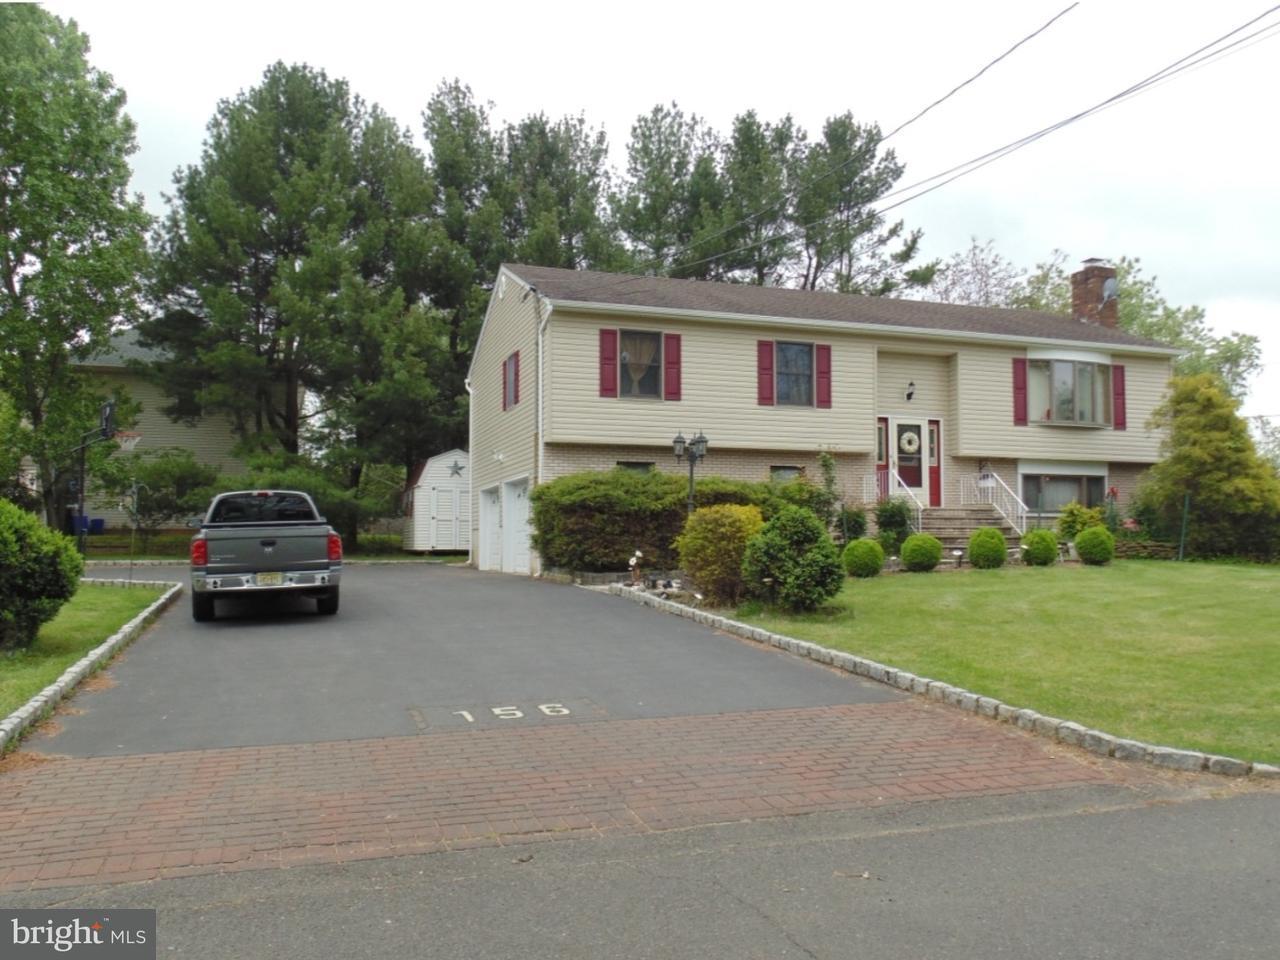 Частный односемейный дом для того Продажа на 156 WALNUT Avenue Somerset, Нью-Джерси 08873 Соединенные ШтатыВ/Около: Franklin Township